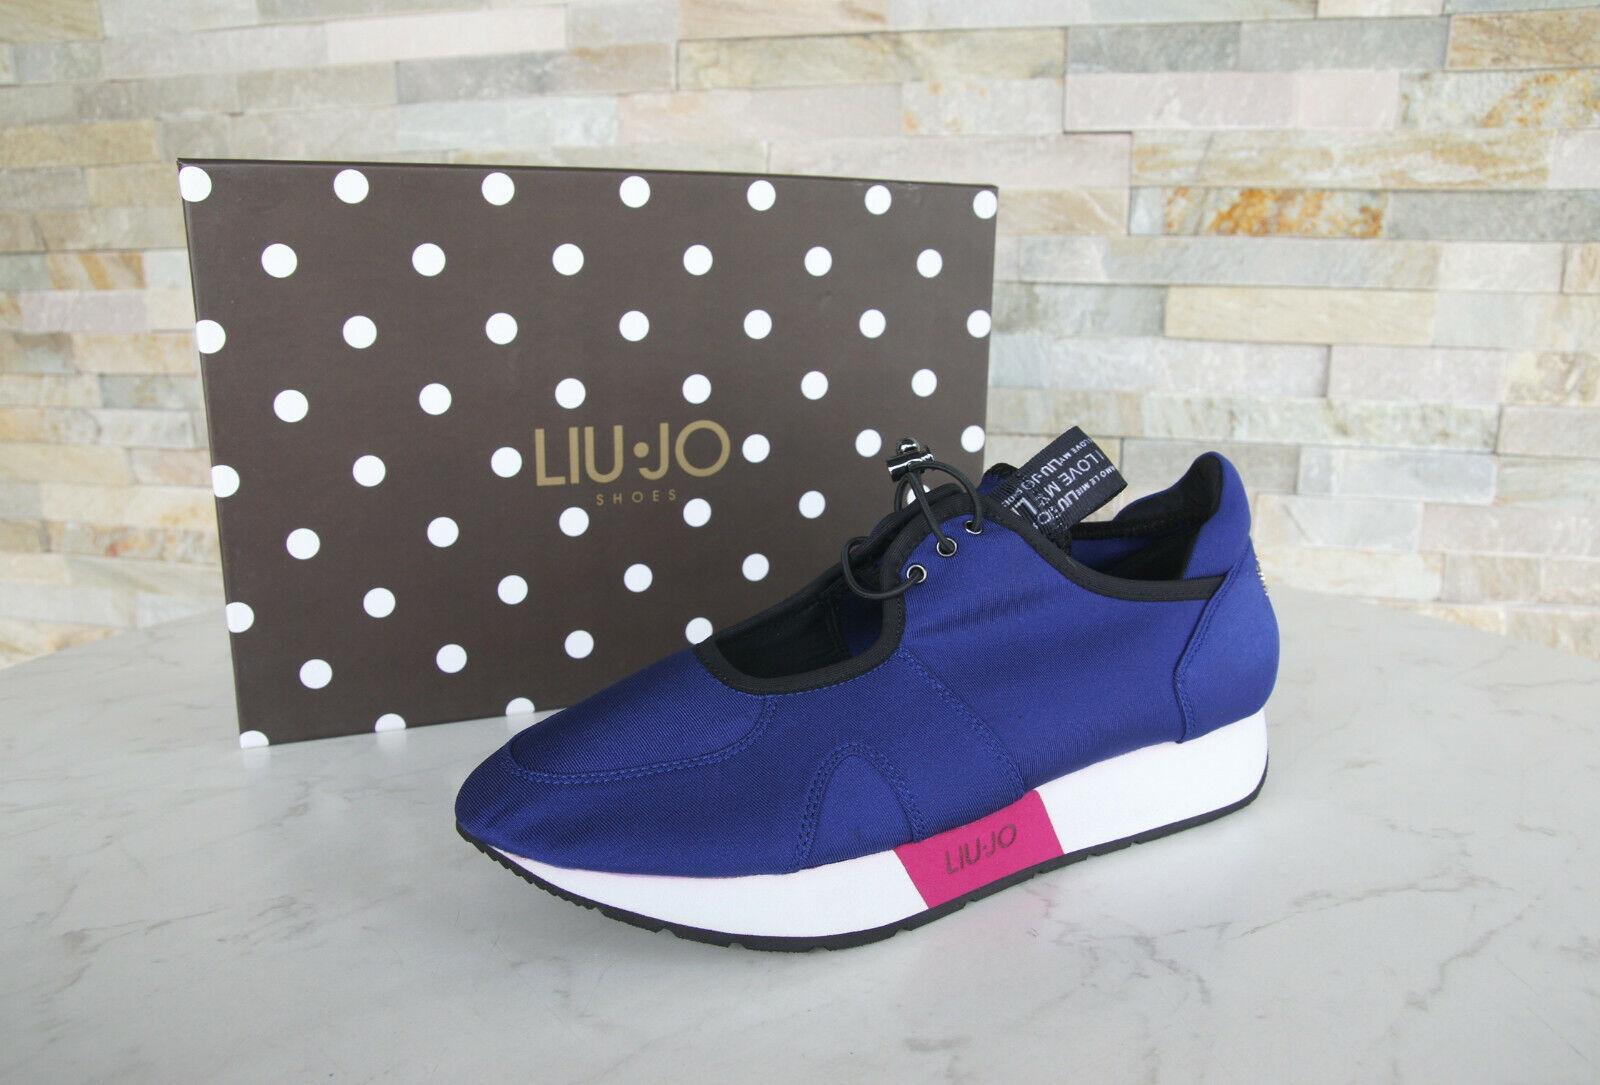 Liu Liu Liu Jo Gr 37 Zapatilla de Deporte Bajas Zapatos Del Deslizador May Fun  compras de moda online